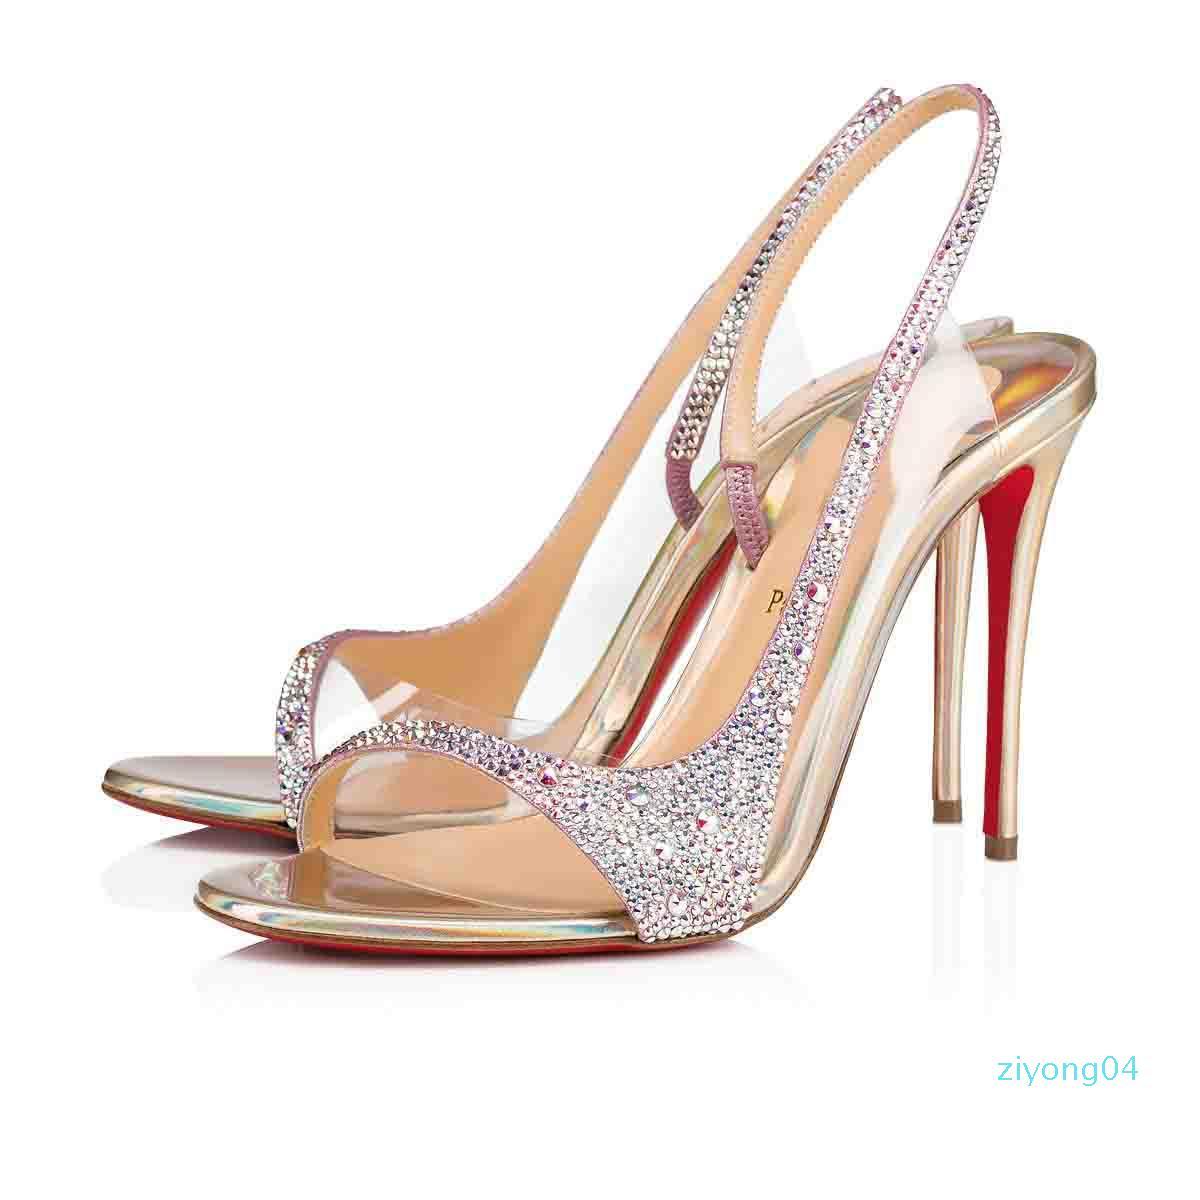 Buena calidad mujeres sandalias inferiores rojas zapatos de noche, Luxry tacones altos Renee Strass Rinestone bombas Sexy mujeres sandalia fiesta vestido de novia z04